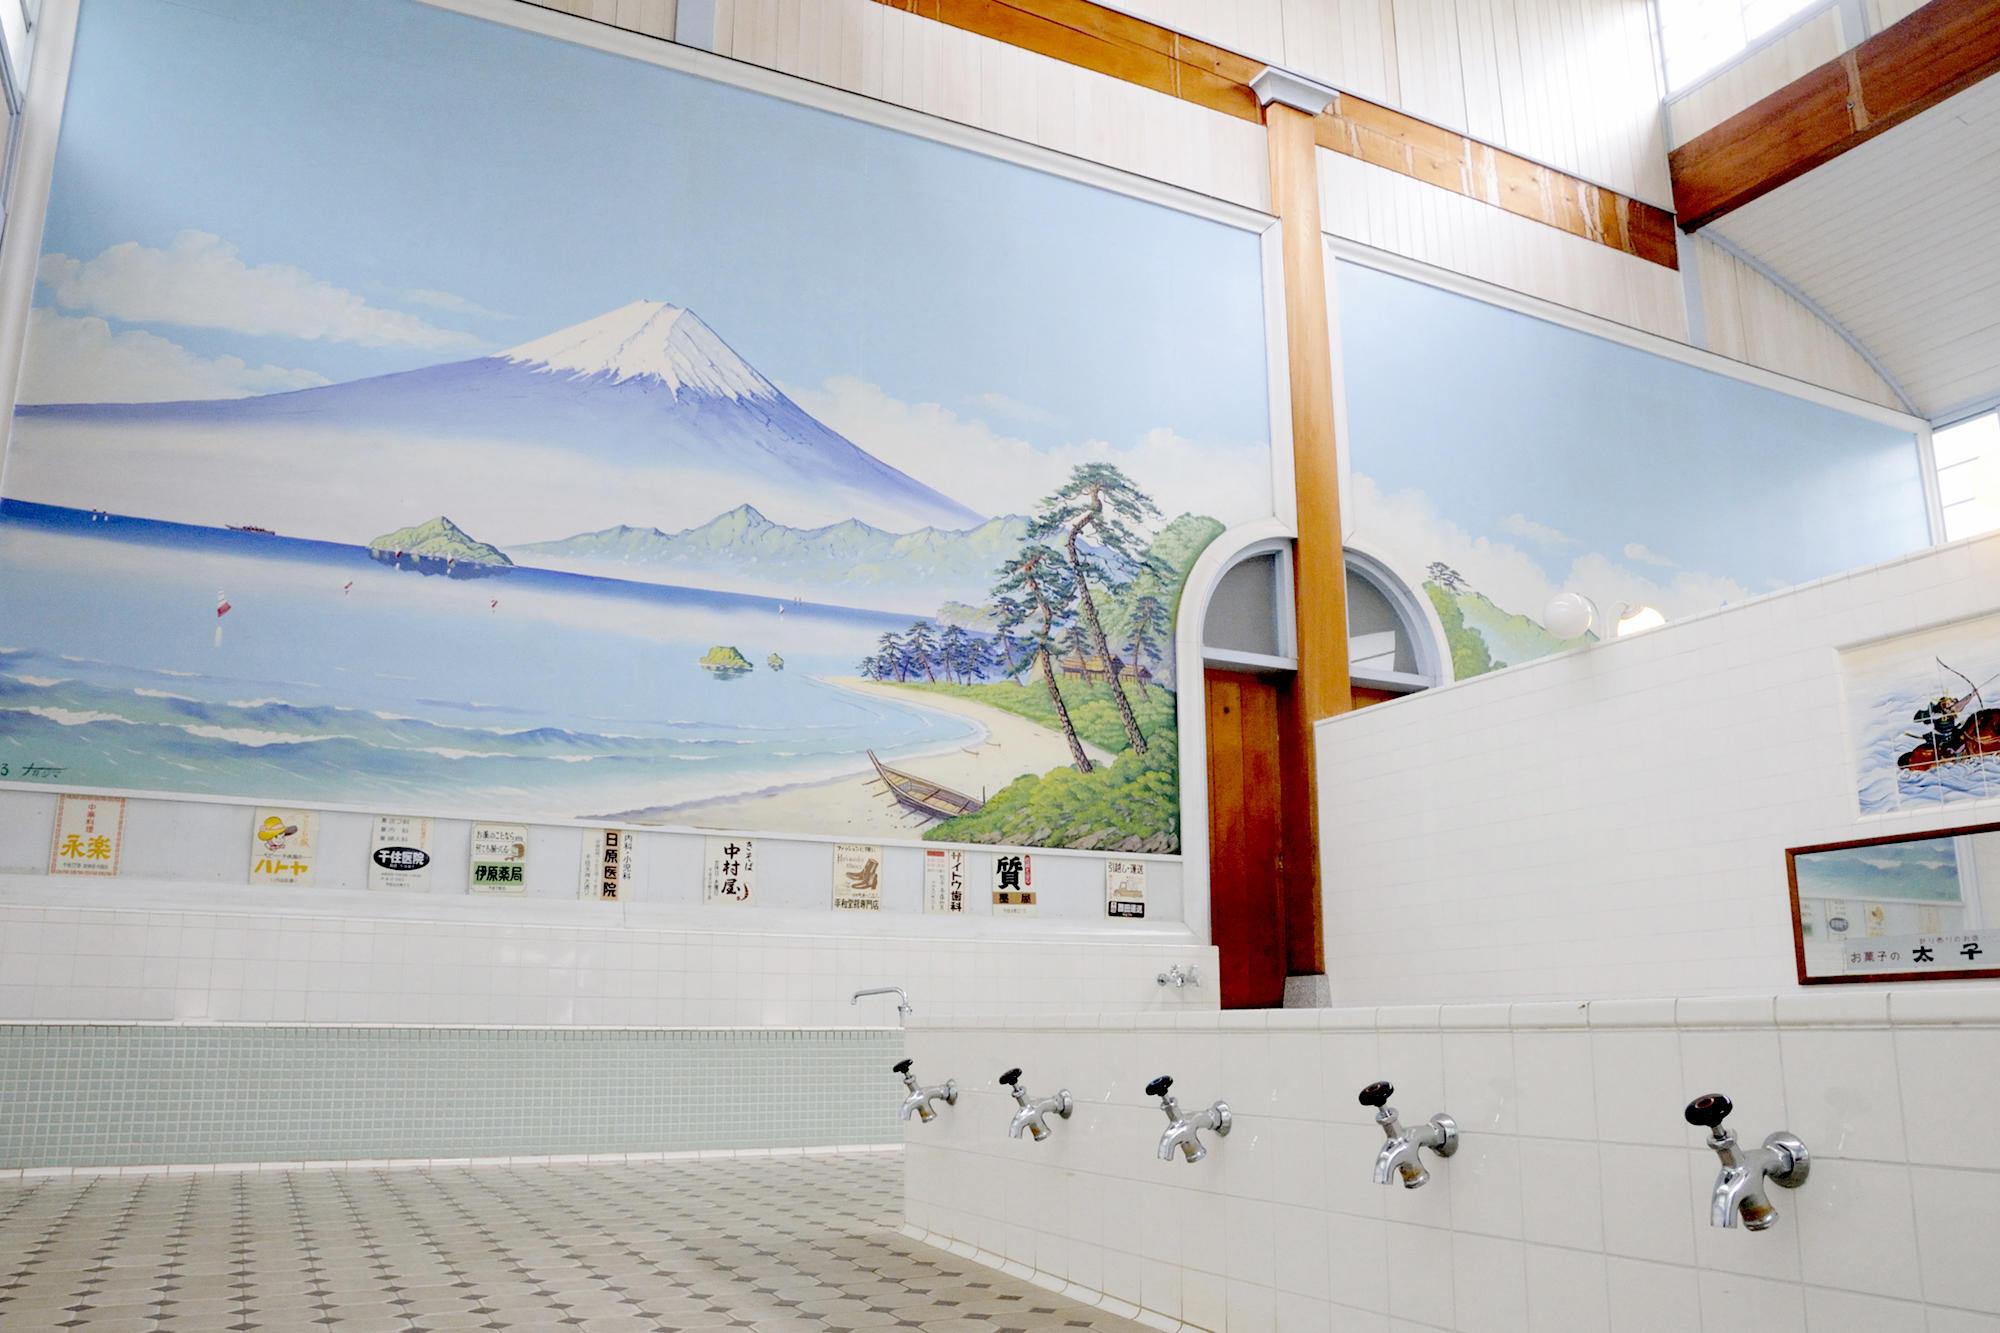 【小ネタ部】湯船に浸かってる?ニッポンの<風呂&銭湯>今昔物語